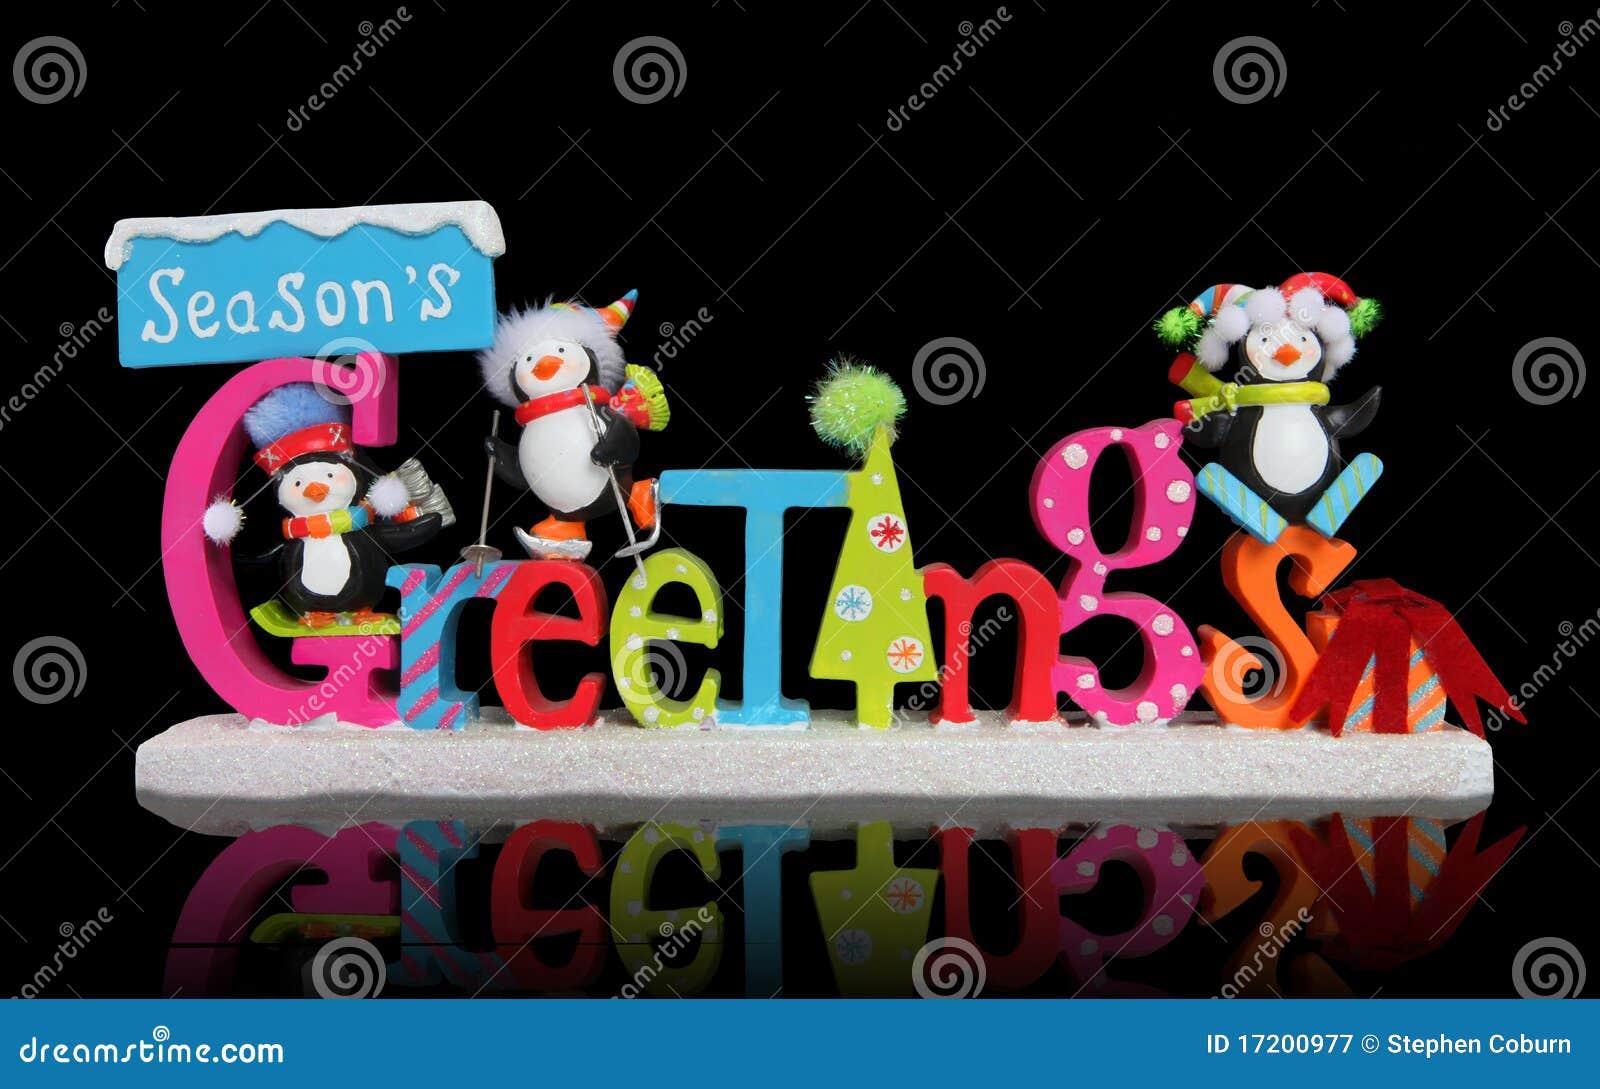 Christmas seasons greeting sign stock image image of holiday christmas season s greeting sign kristyandbryce Image collections